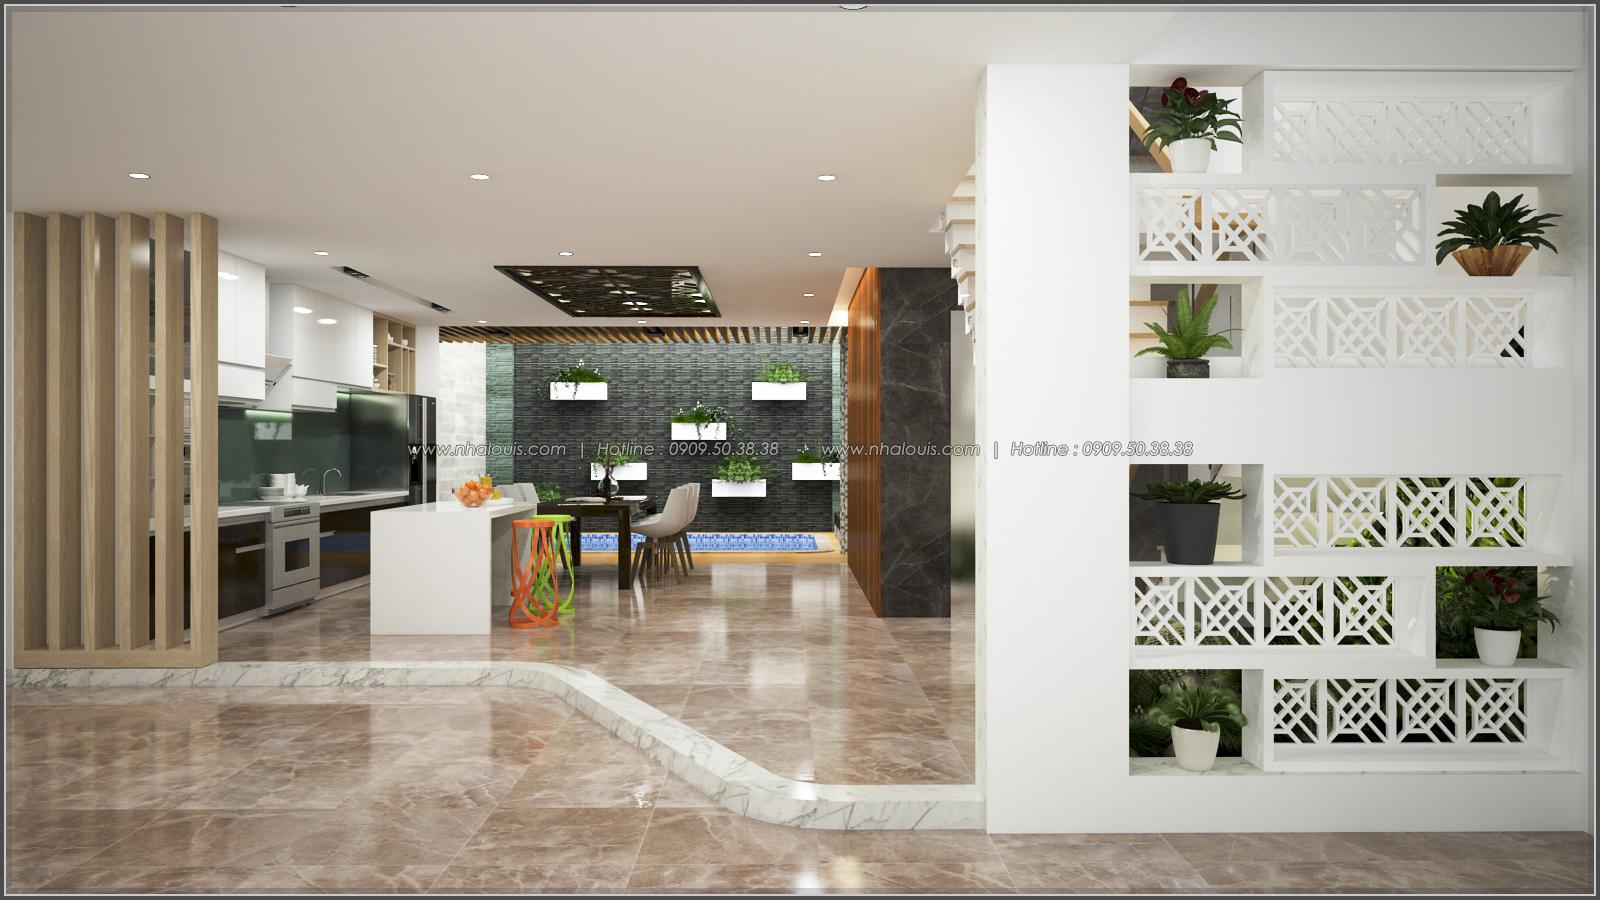 Thiết kế biệt thự có hồ bơi trong nhà ấn tượng tại quận Tân Bình - 5